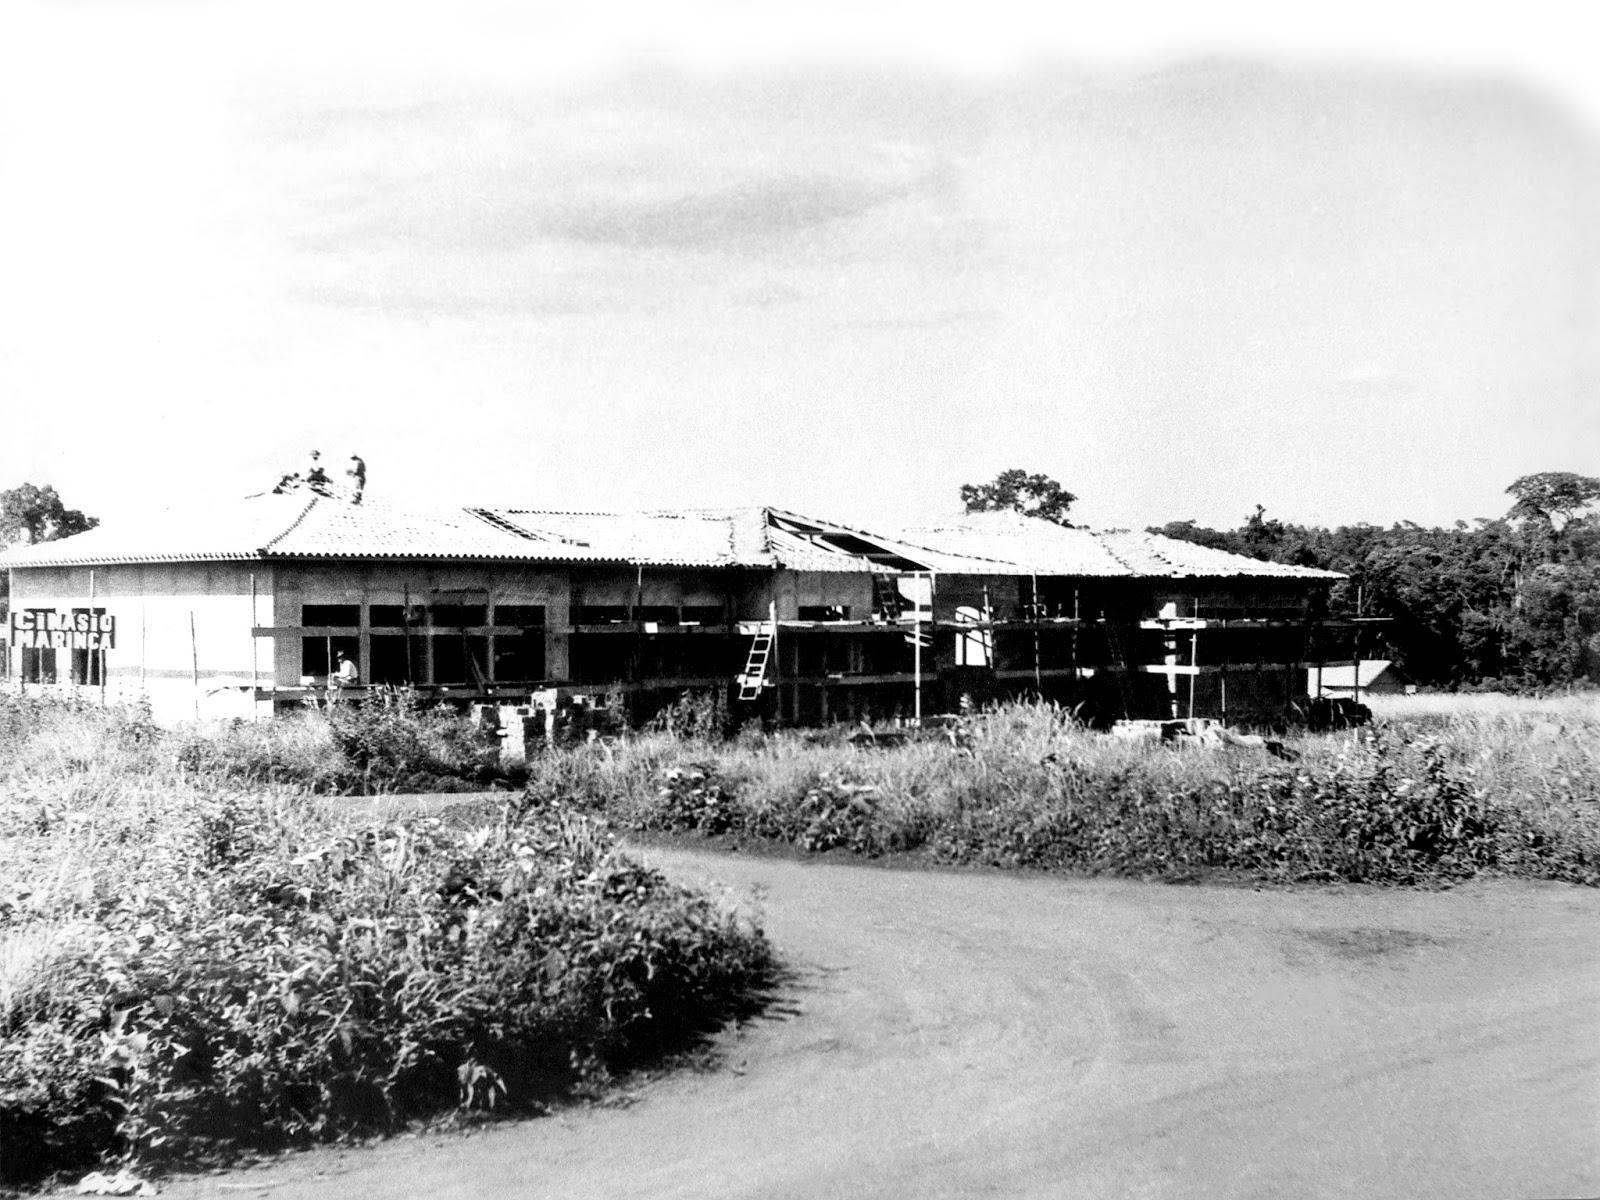 Ginásio Maringá em construção - Década de 1950